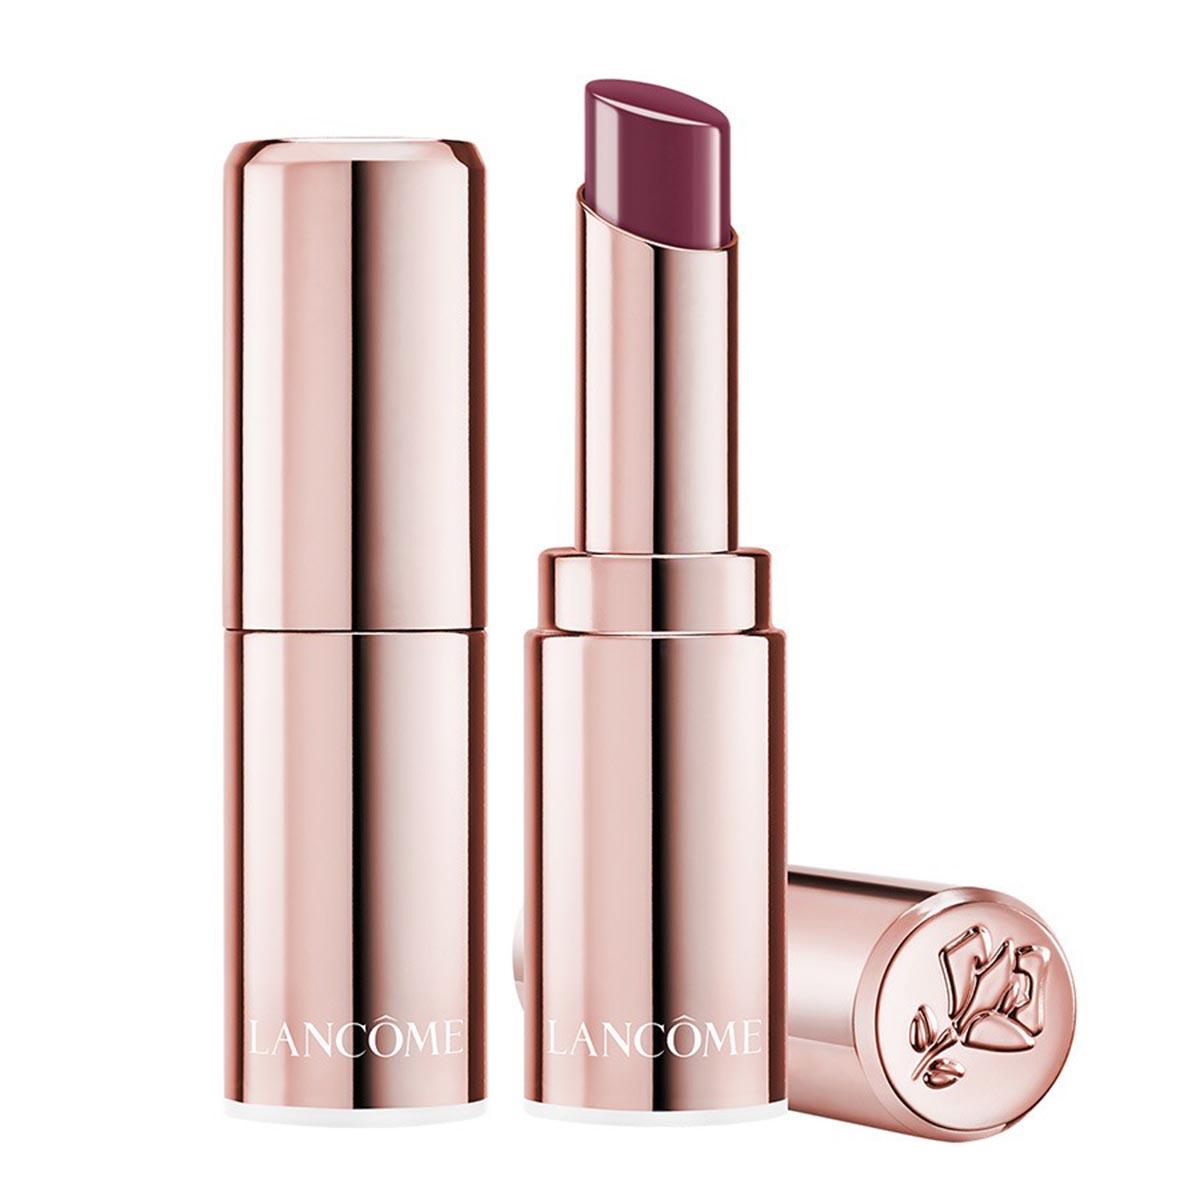 Lancome l absolu mademoiselle shine lipstick 398 mademoiselle loves